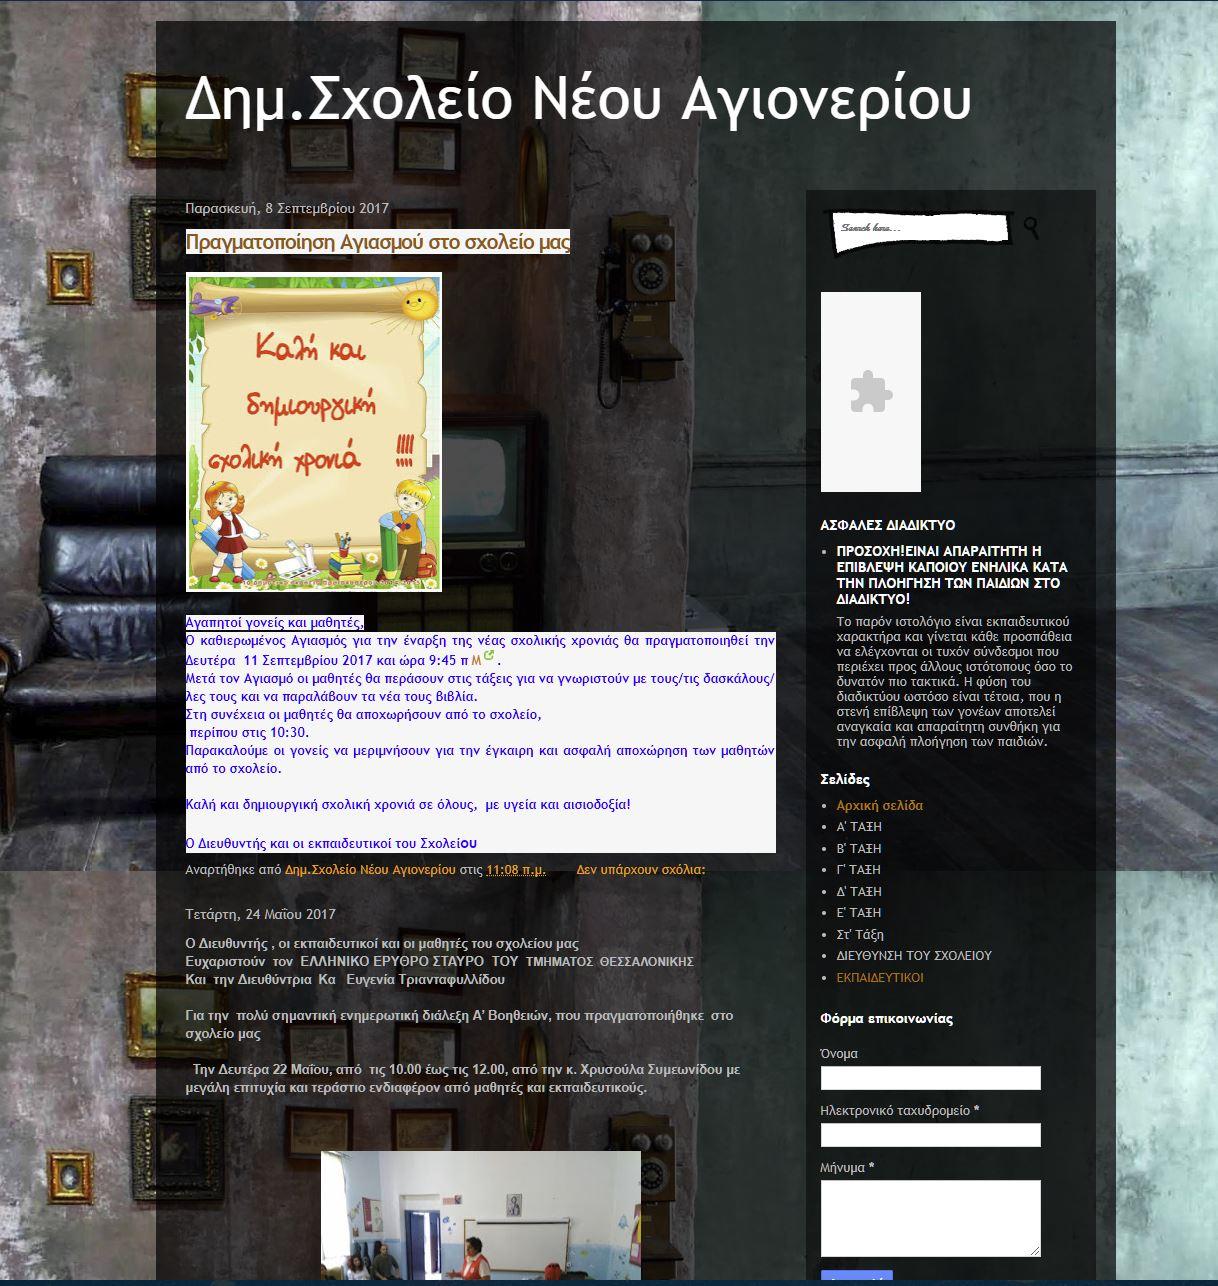 ff94a68fa3b4 Θεματικό Δίκτυο Ασφάλεια στο Διαδίκτυο